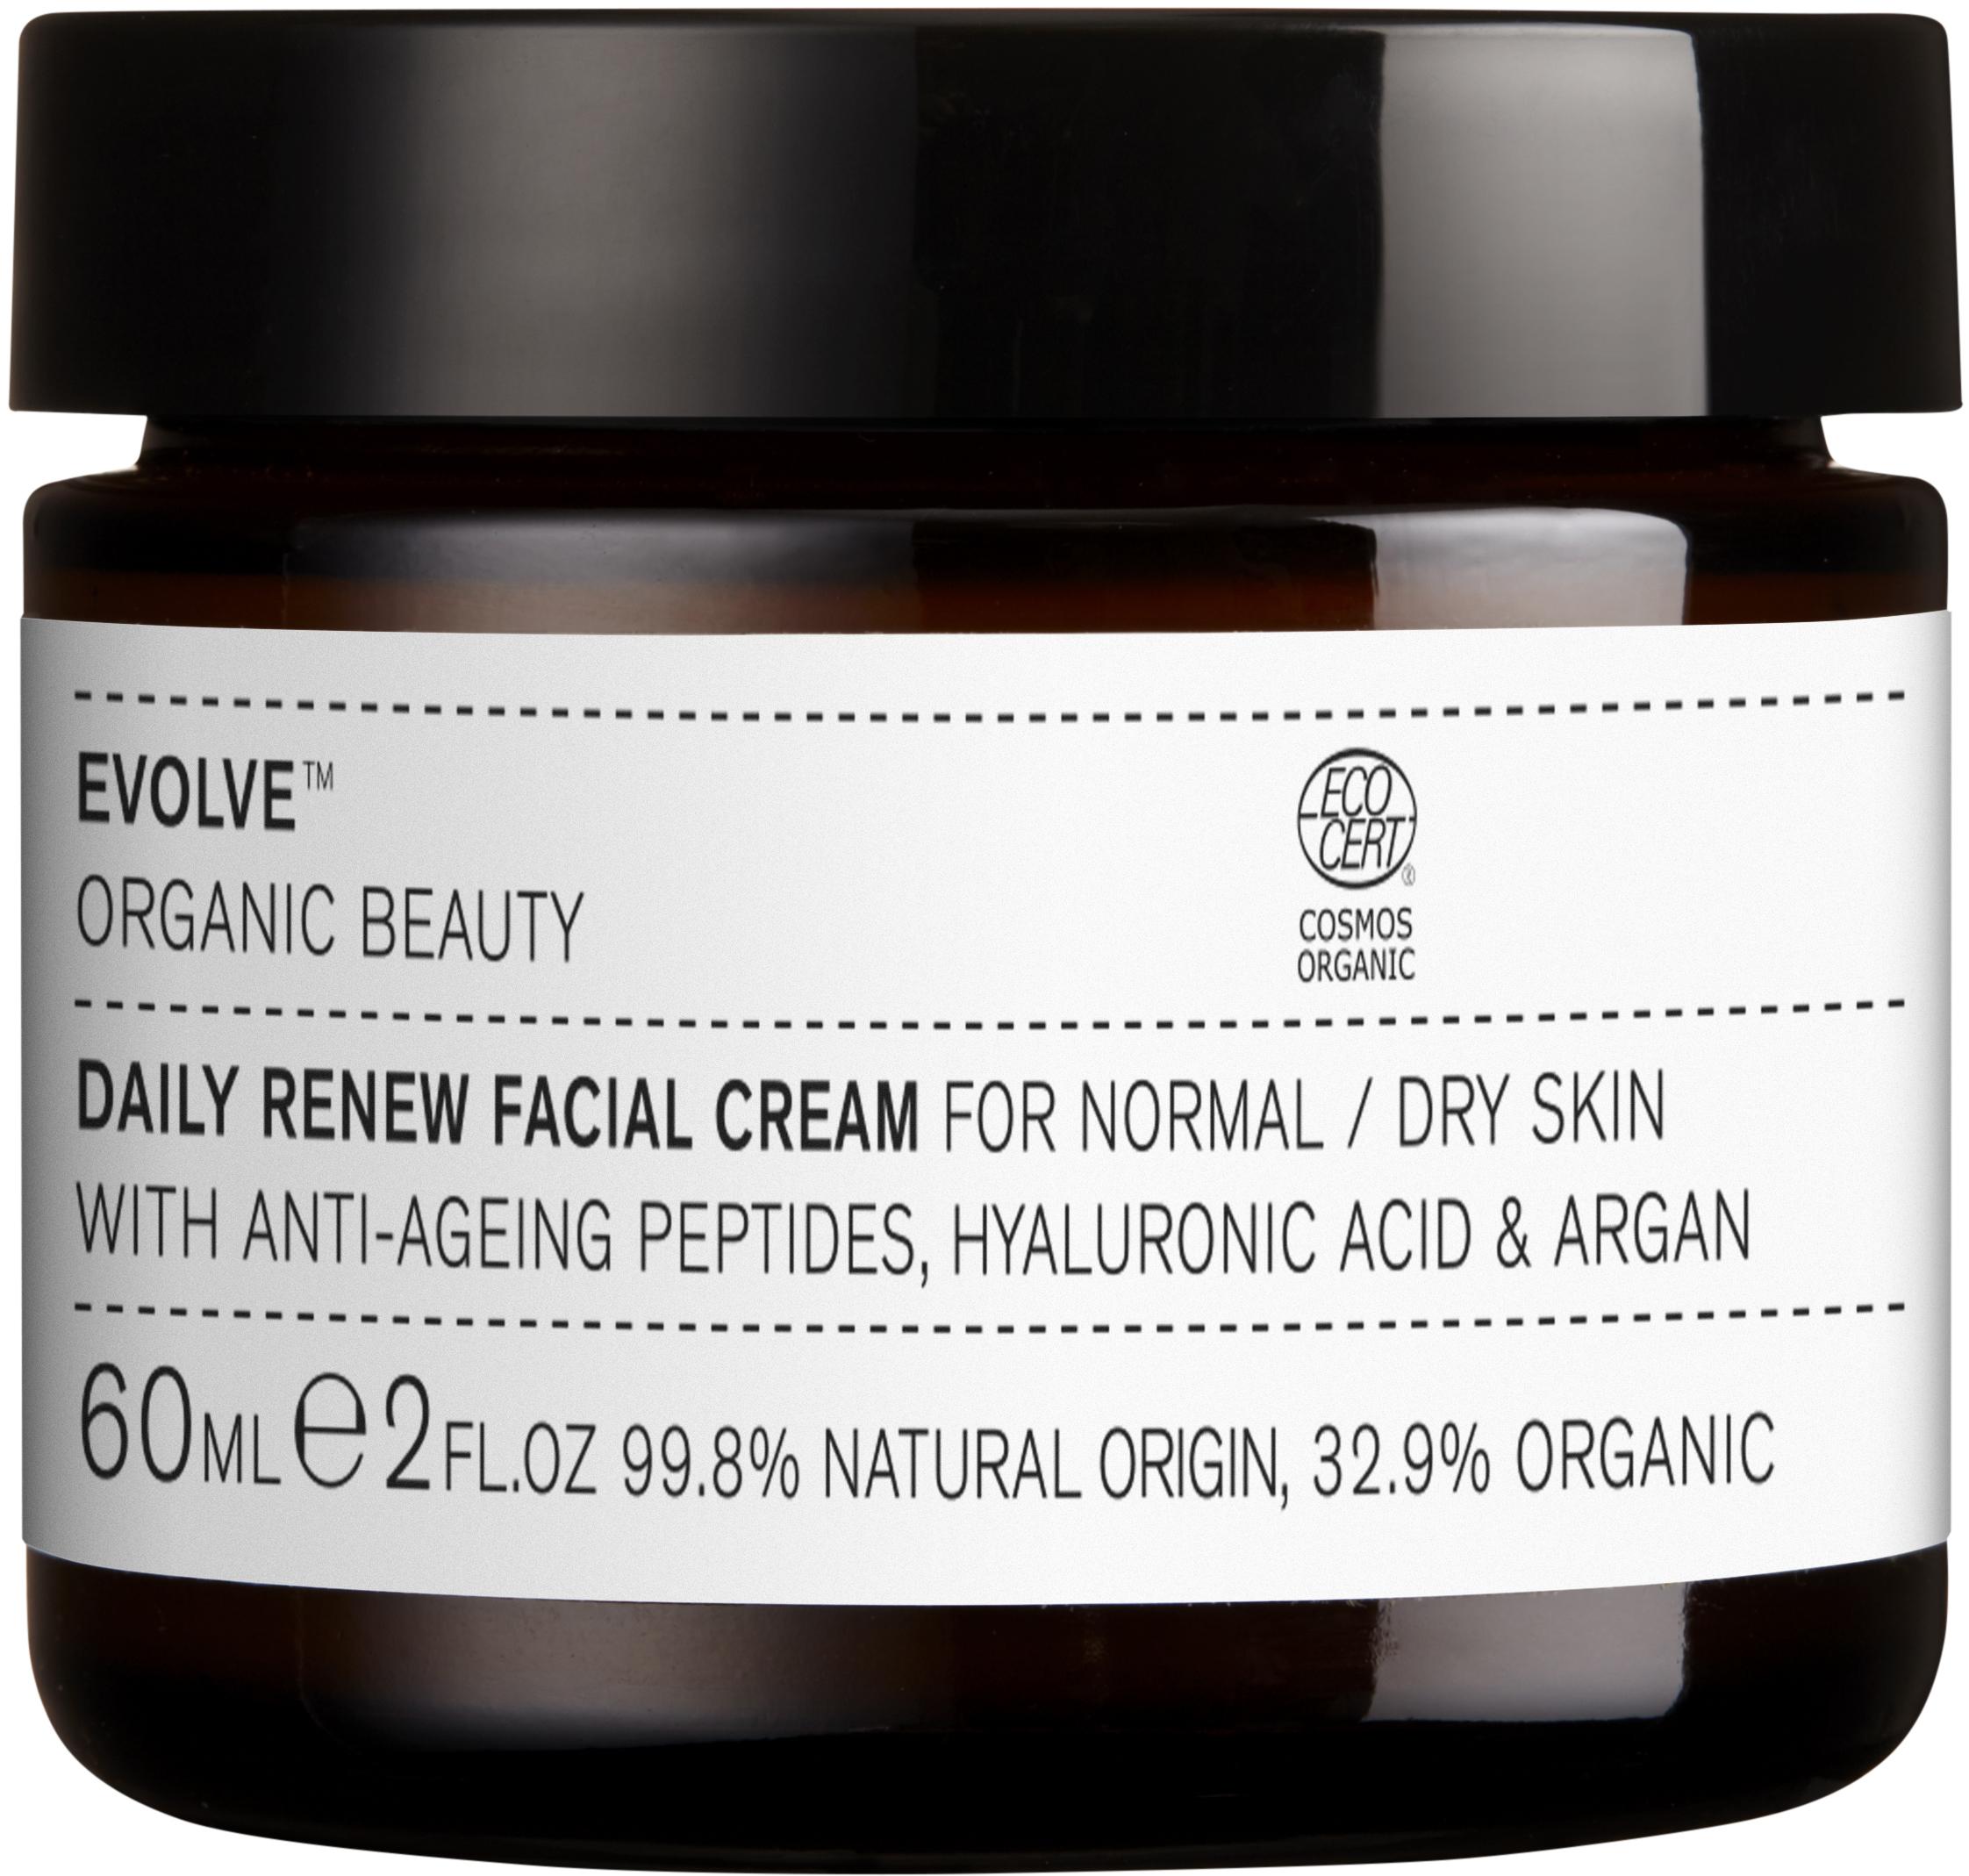 Evolve Daily Renew Facial Cream, 60 ml